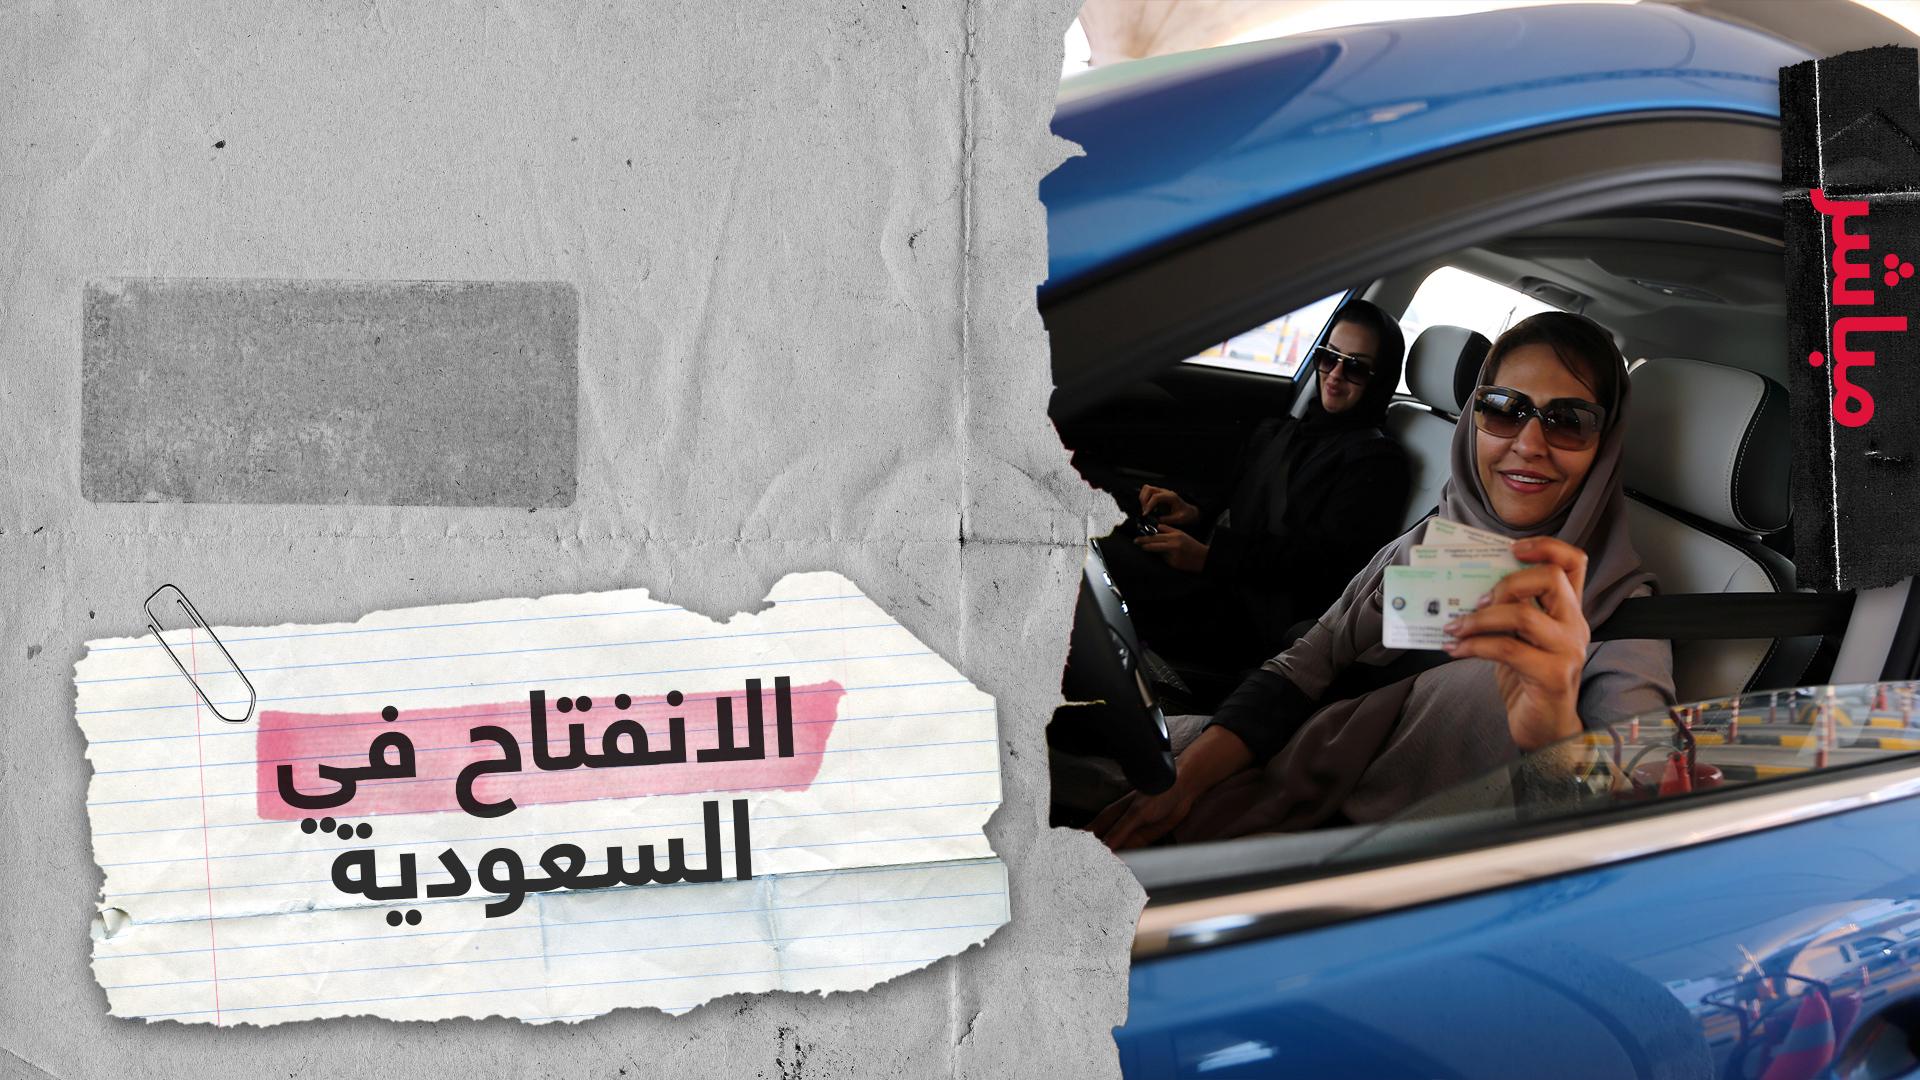 لم يكن يحدث من قبل في السعودية.. هل يتقبل المجتمع مظاهر الانفتاح؟